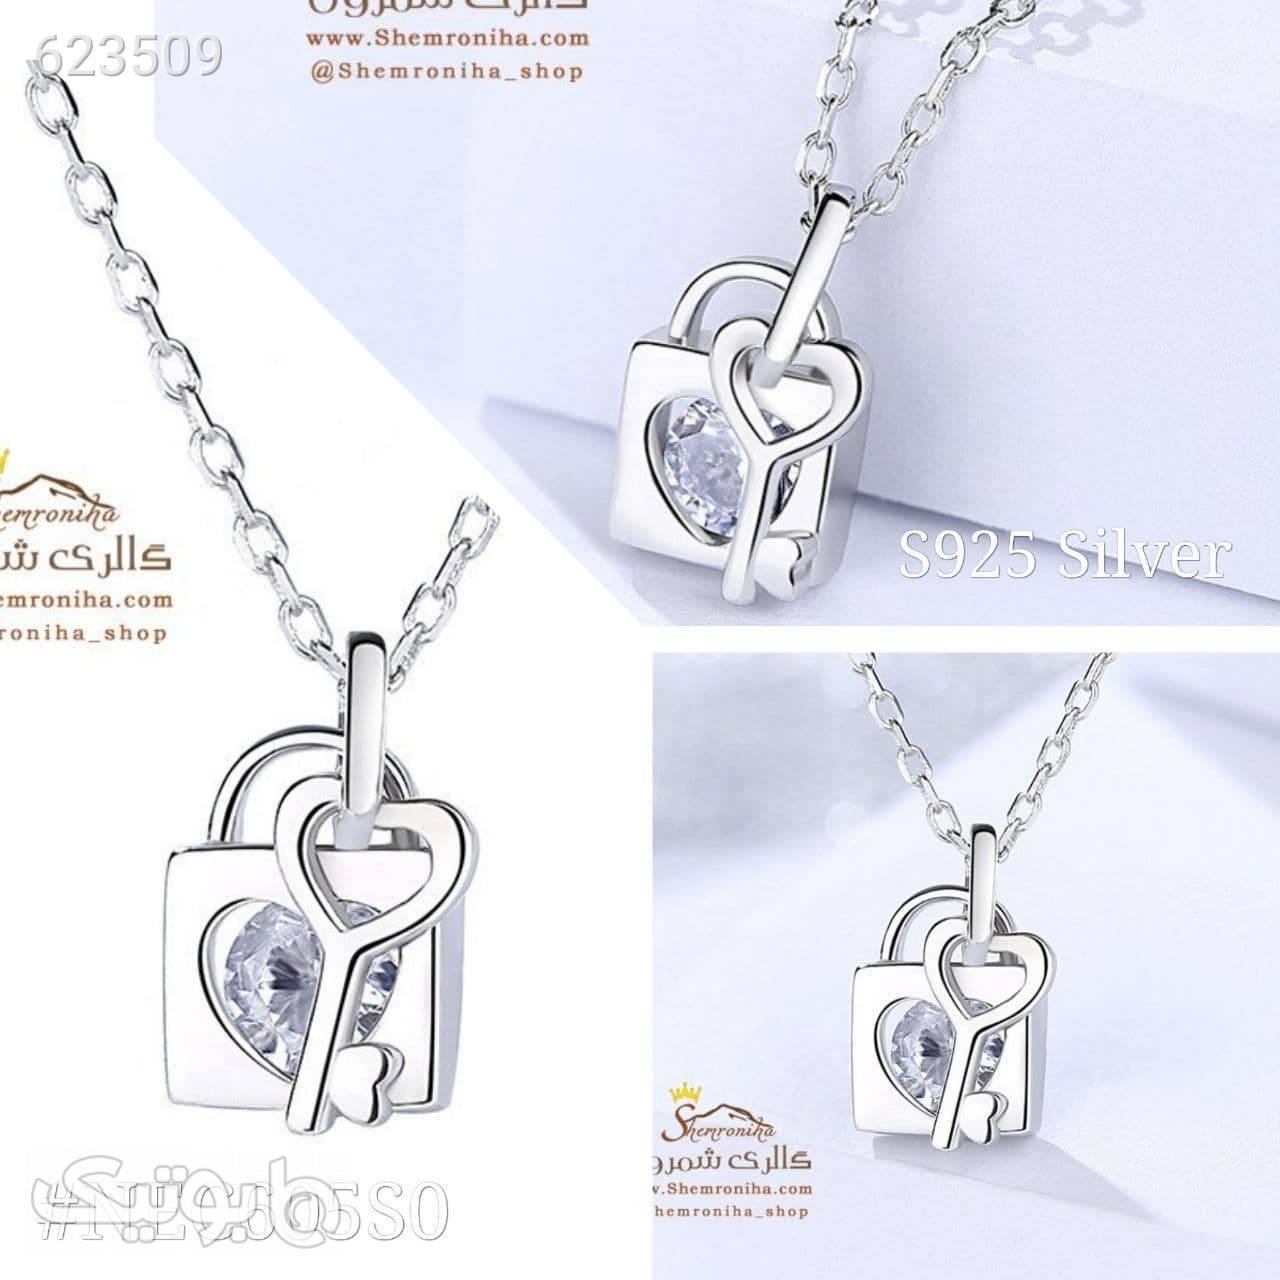 گردنبند نقره قفل قلب و کلید NEC605S0 نقره ای گردنبند